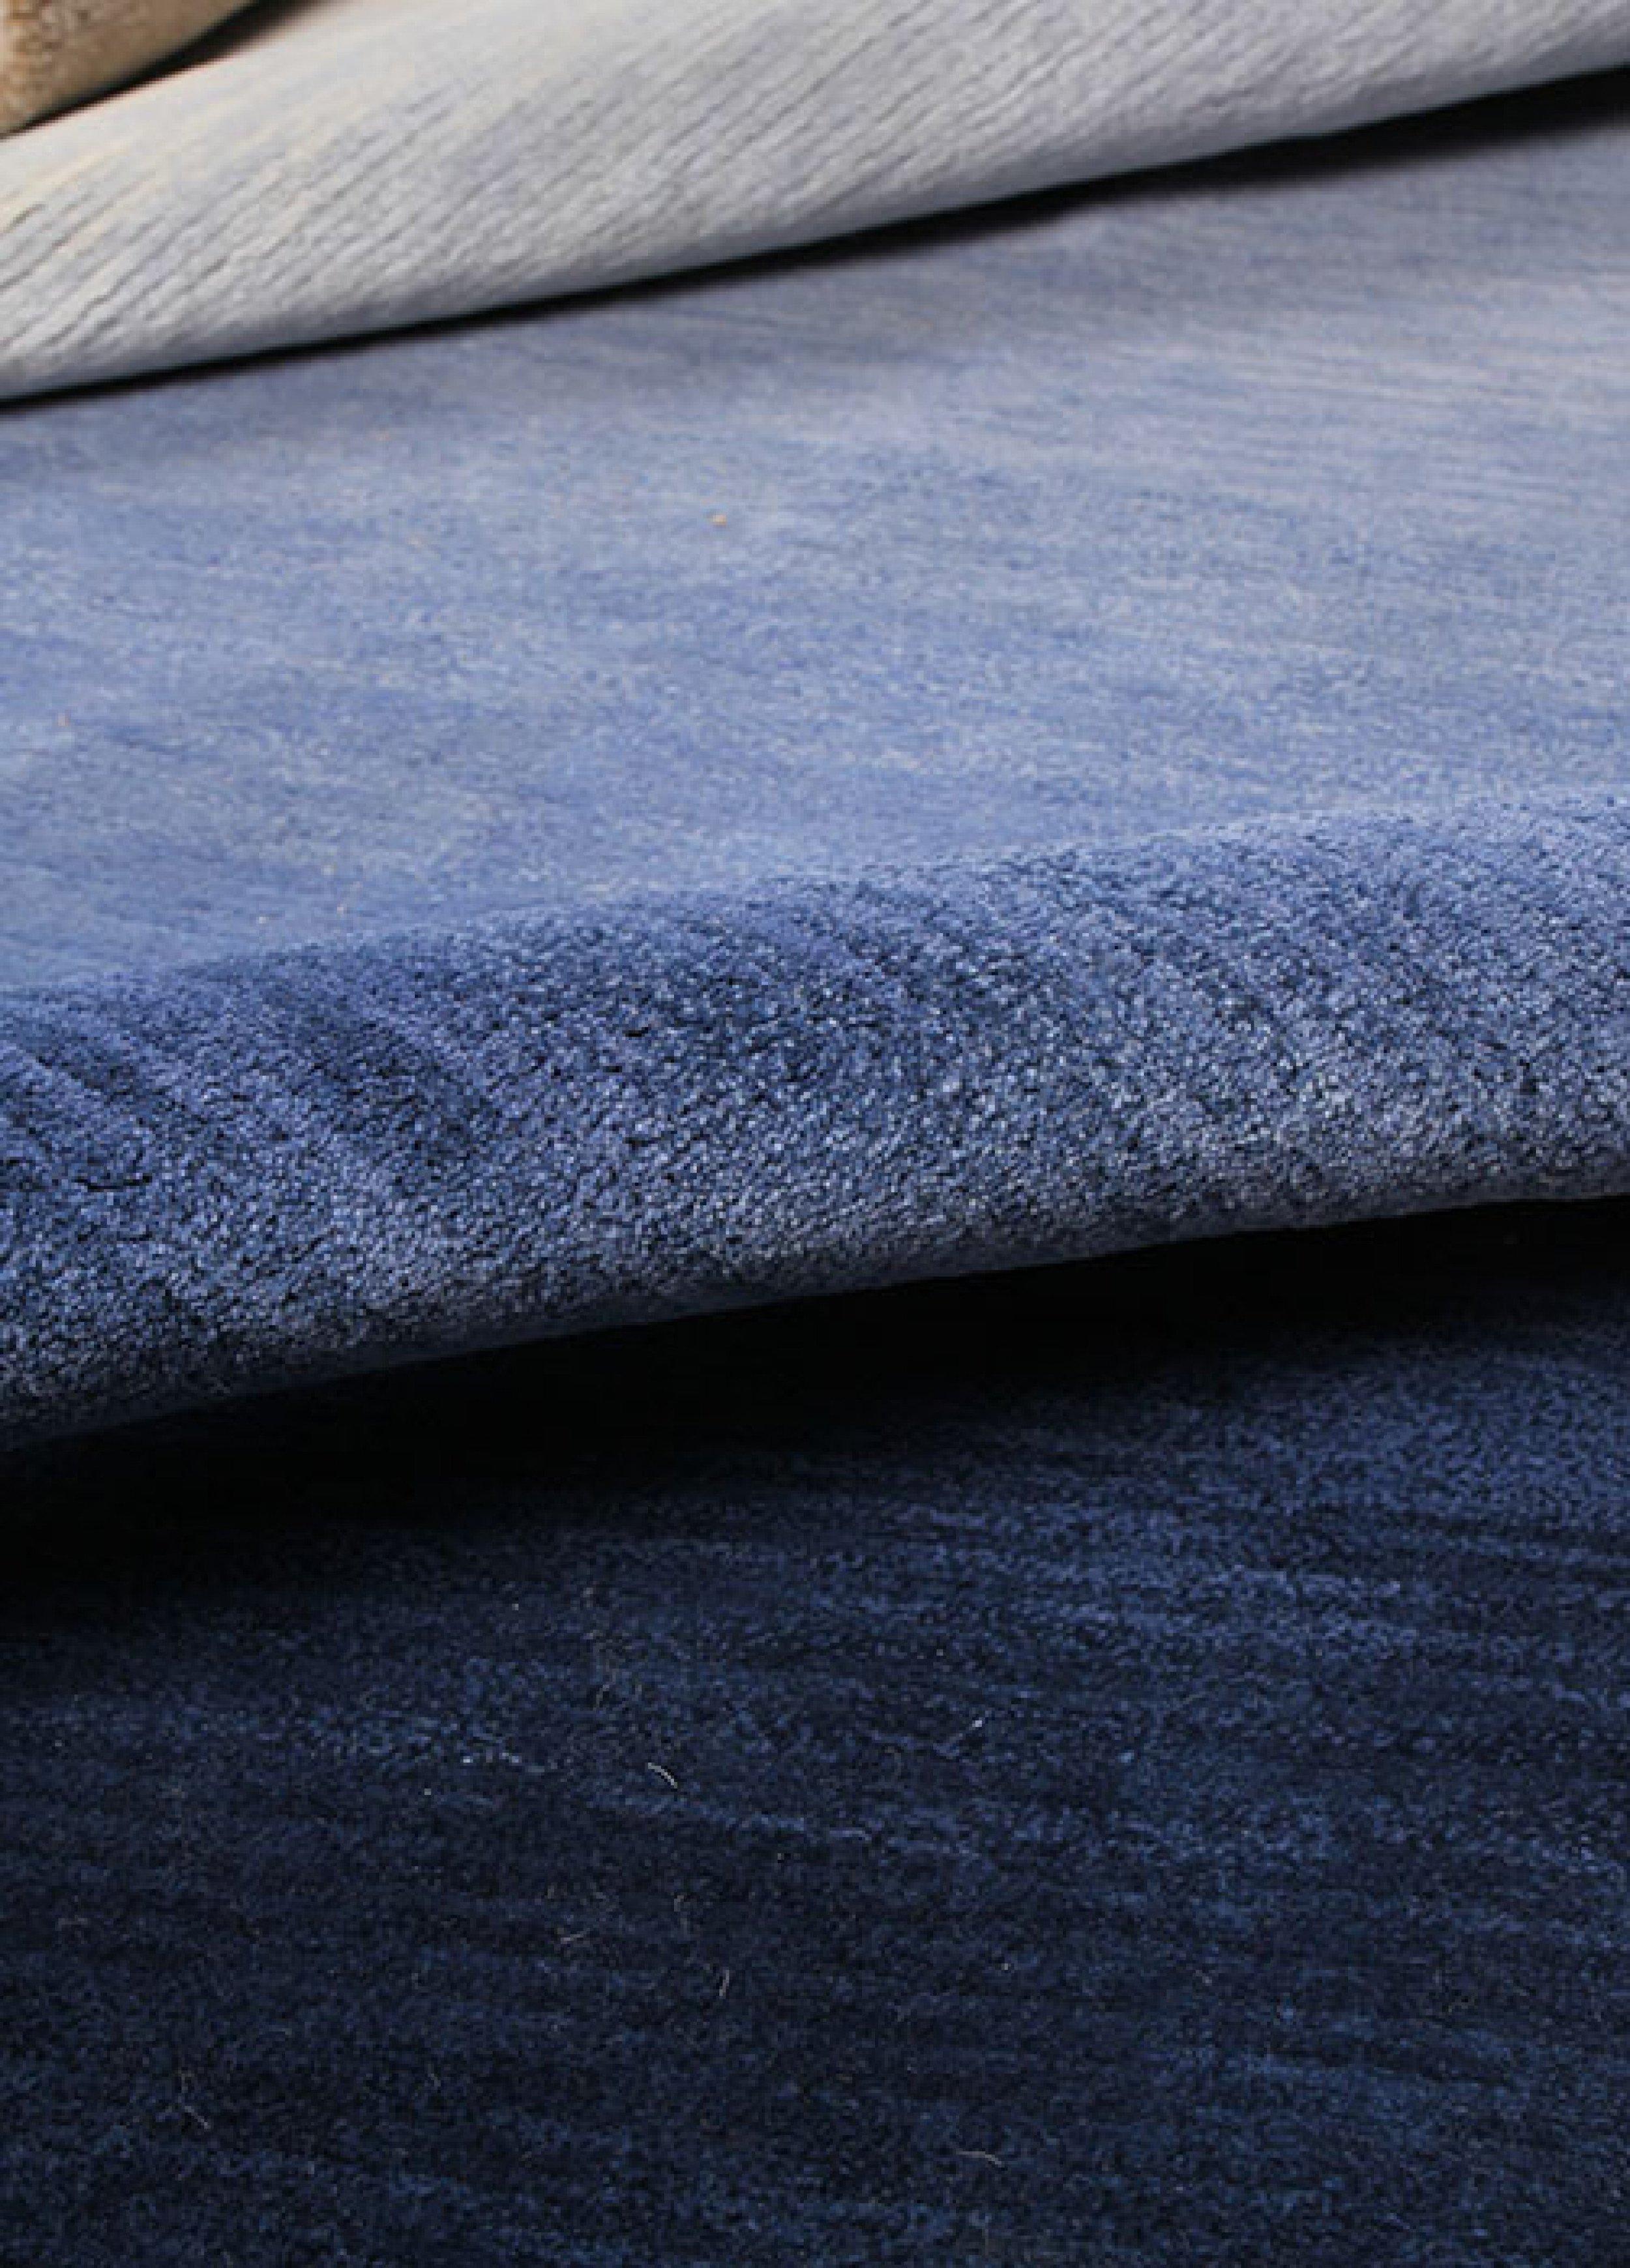 kézi csomózás - francia ízléssel megalkotott szőnyegeink Nepáli manufaktúrában készülnek hagyományos kézi eljárással. a S/ALON-on megtekintheted és meg is tapinthatod majd e remekműveket!